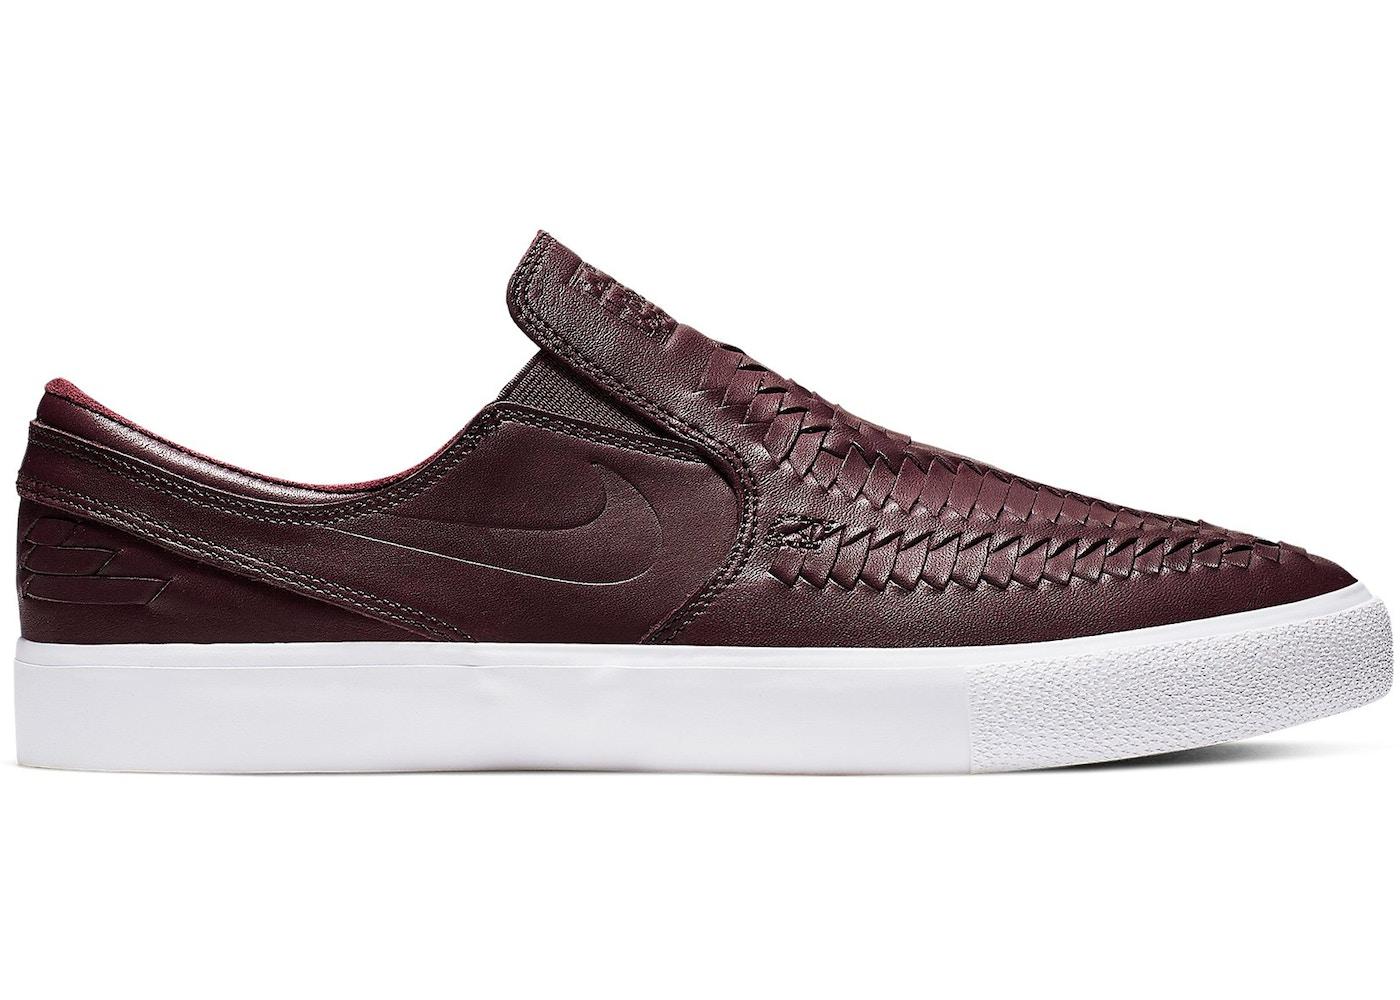 najnowszy najlepsza cena miło tanio Nike SB Zoom Stefan Janoski Slip RM Crafted Woven Mahogany